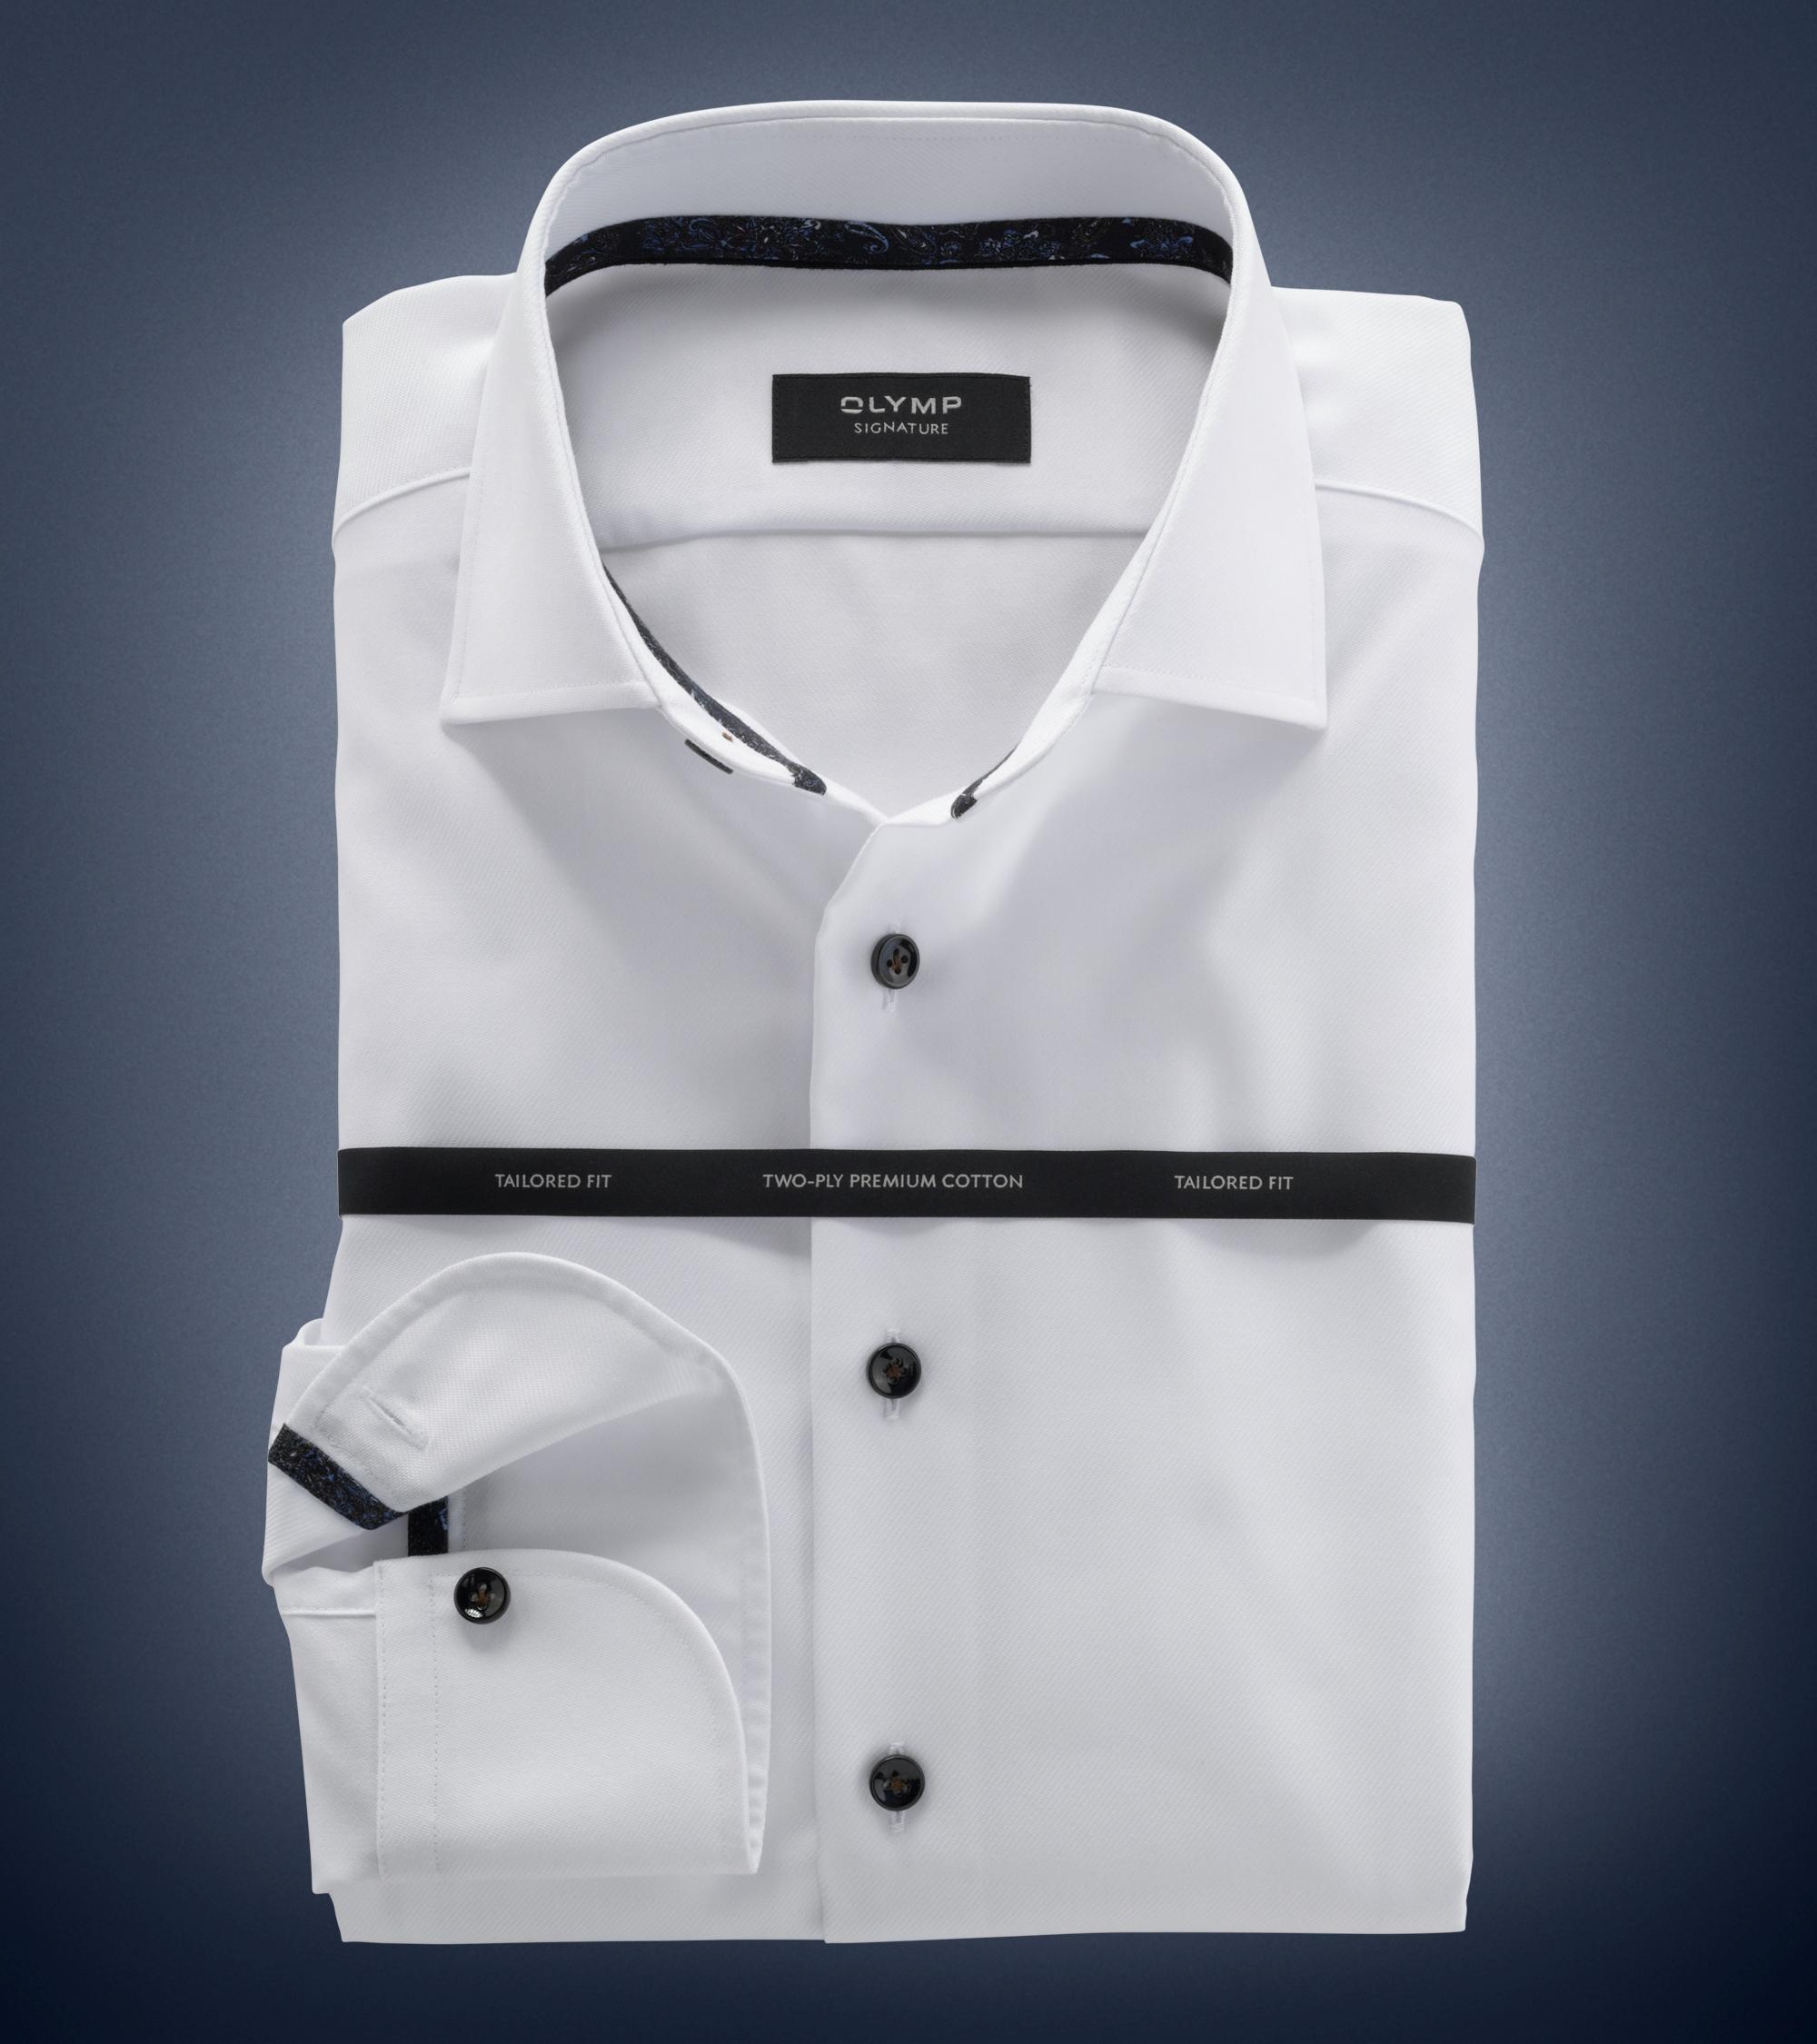 [WÖHRL] OLYMP Hemden in verschiedenen Ausführungen